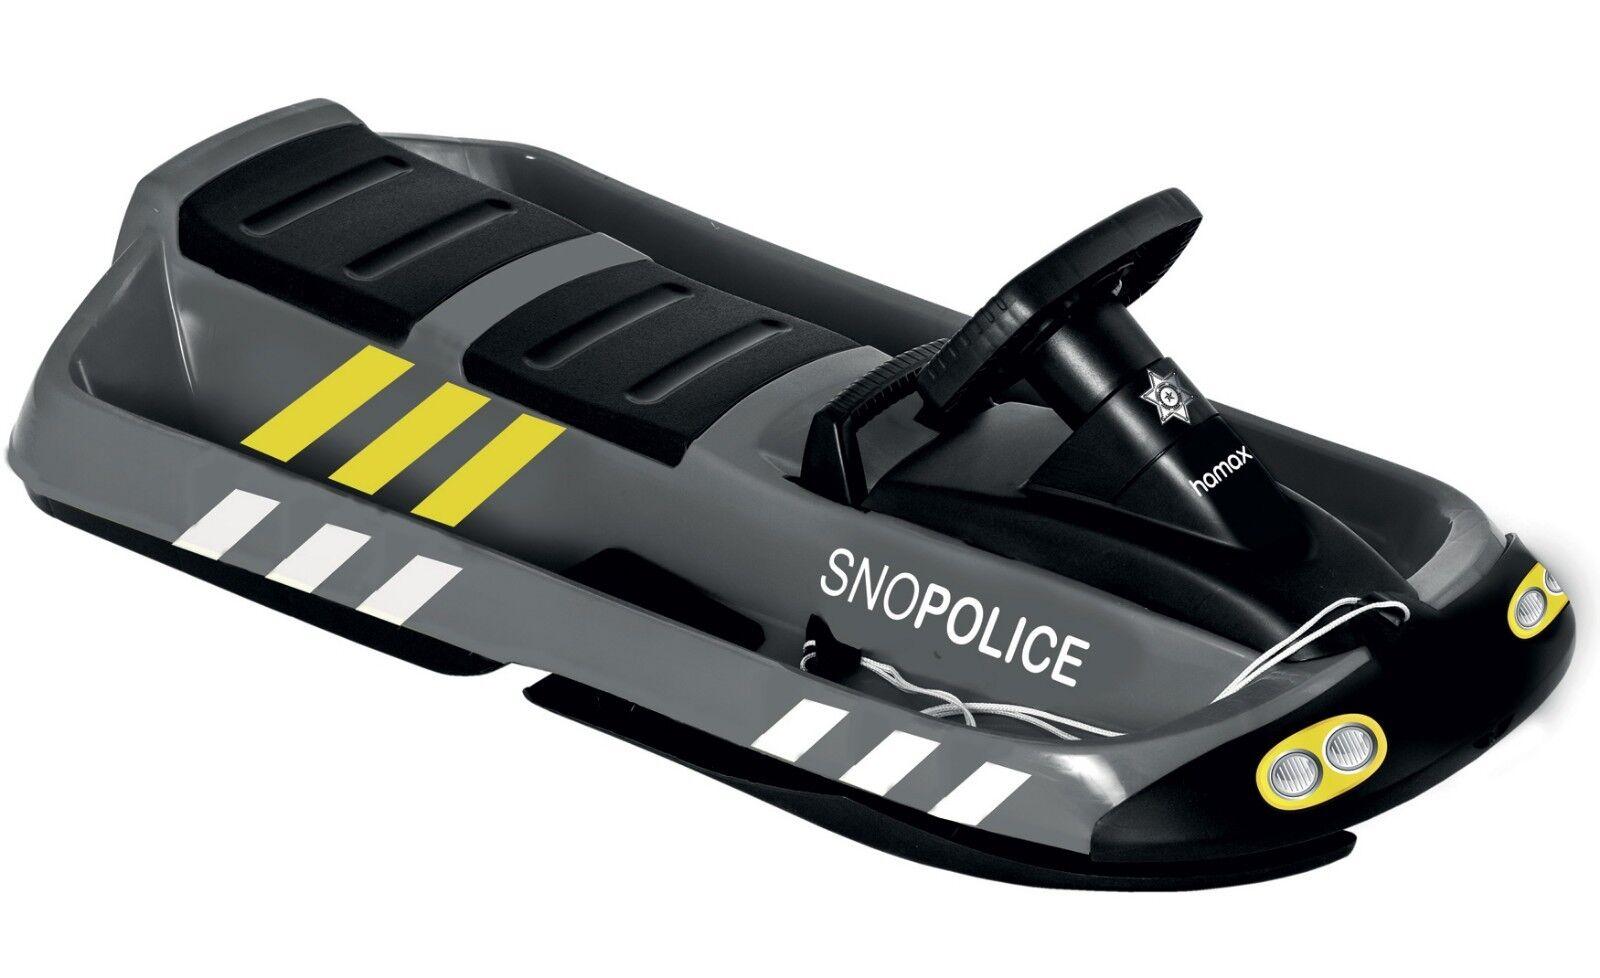 Hamax Zweisitzer Zweisitzer Zweisitzer Schneebob Bob Schlitten Sno Police 109 cm 227698 46e78f